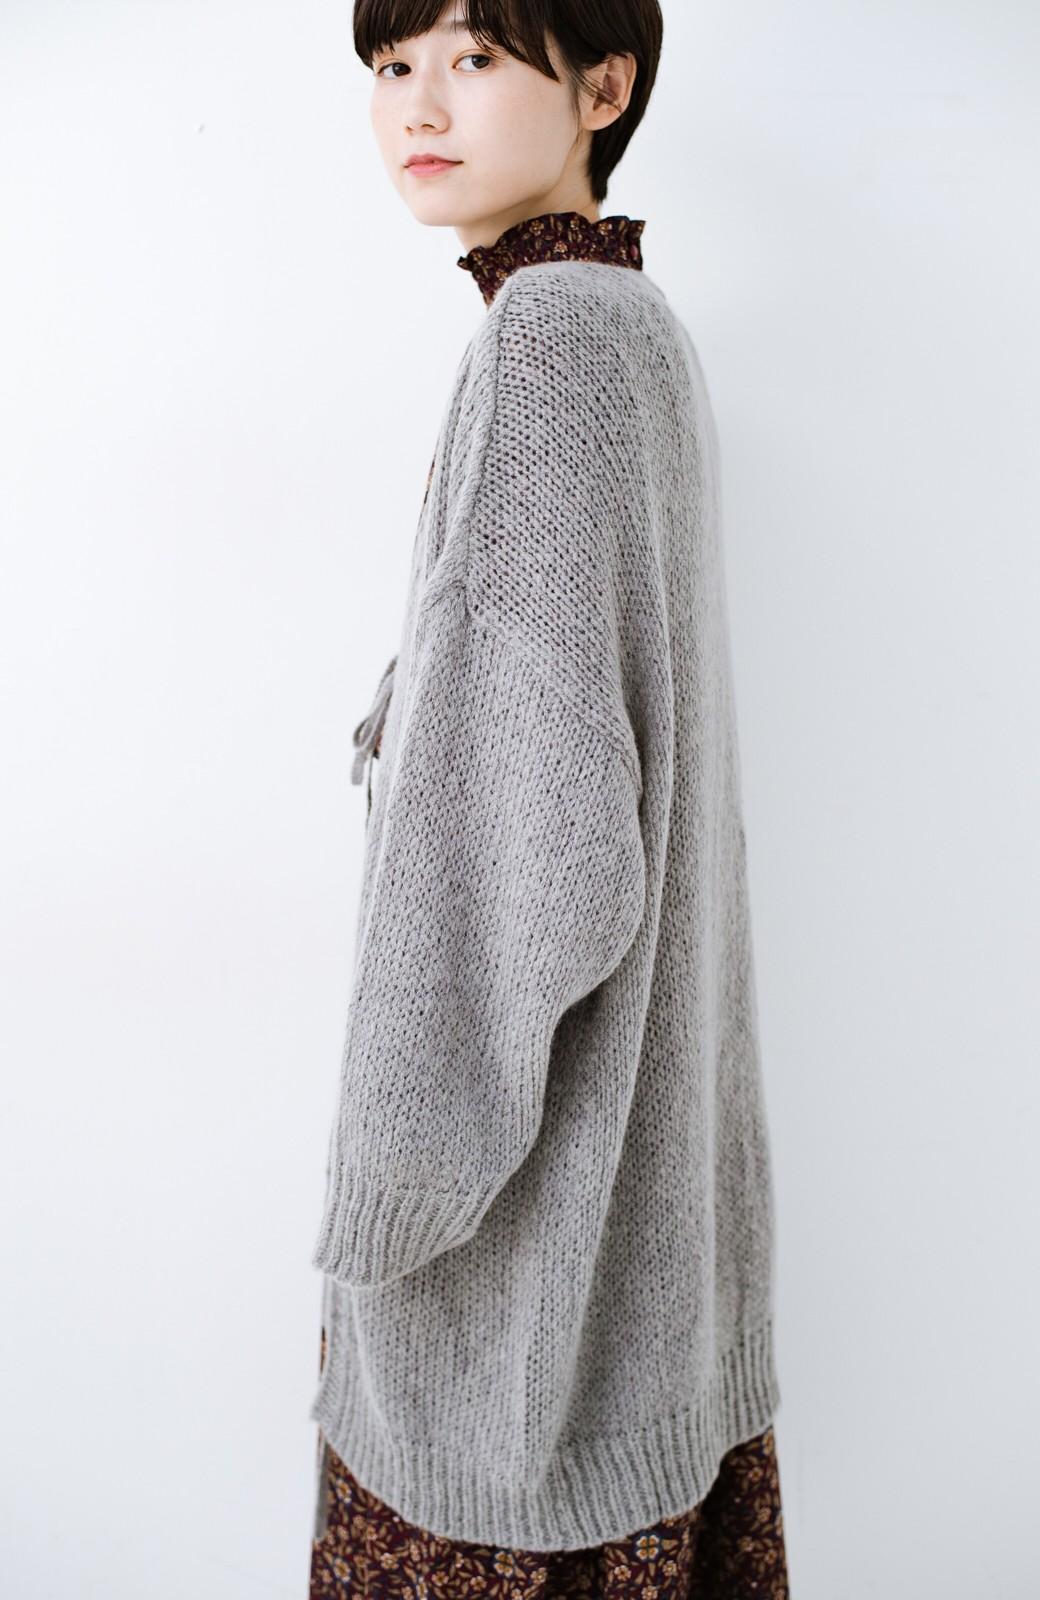 haco! ゆるゆるゆる編みで軽やかにかわいくなれる 前後ろ2WAYカーディガン <杢グレー>の商品写真20